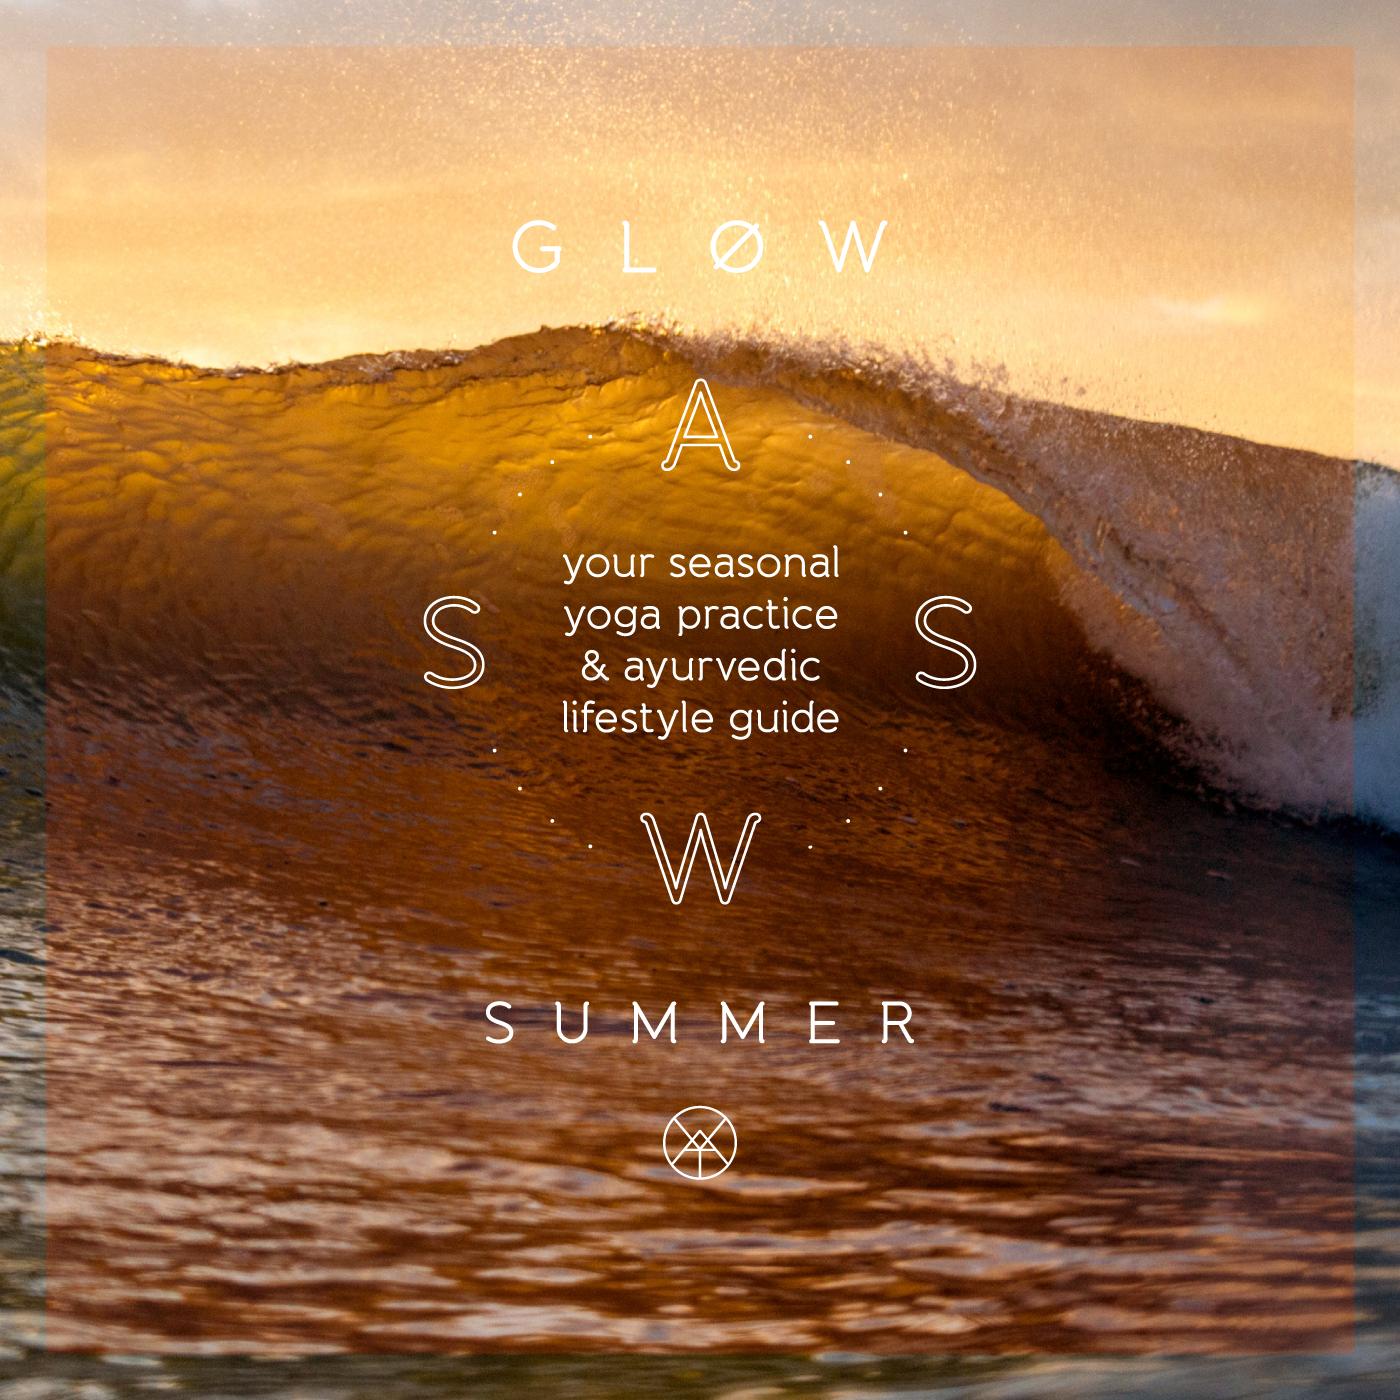 GLOW-SEASONS-SUMMER.png